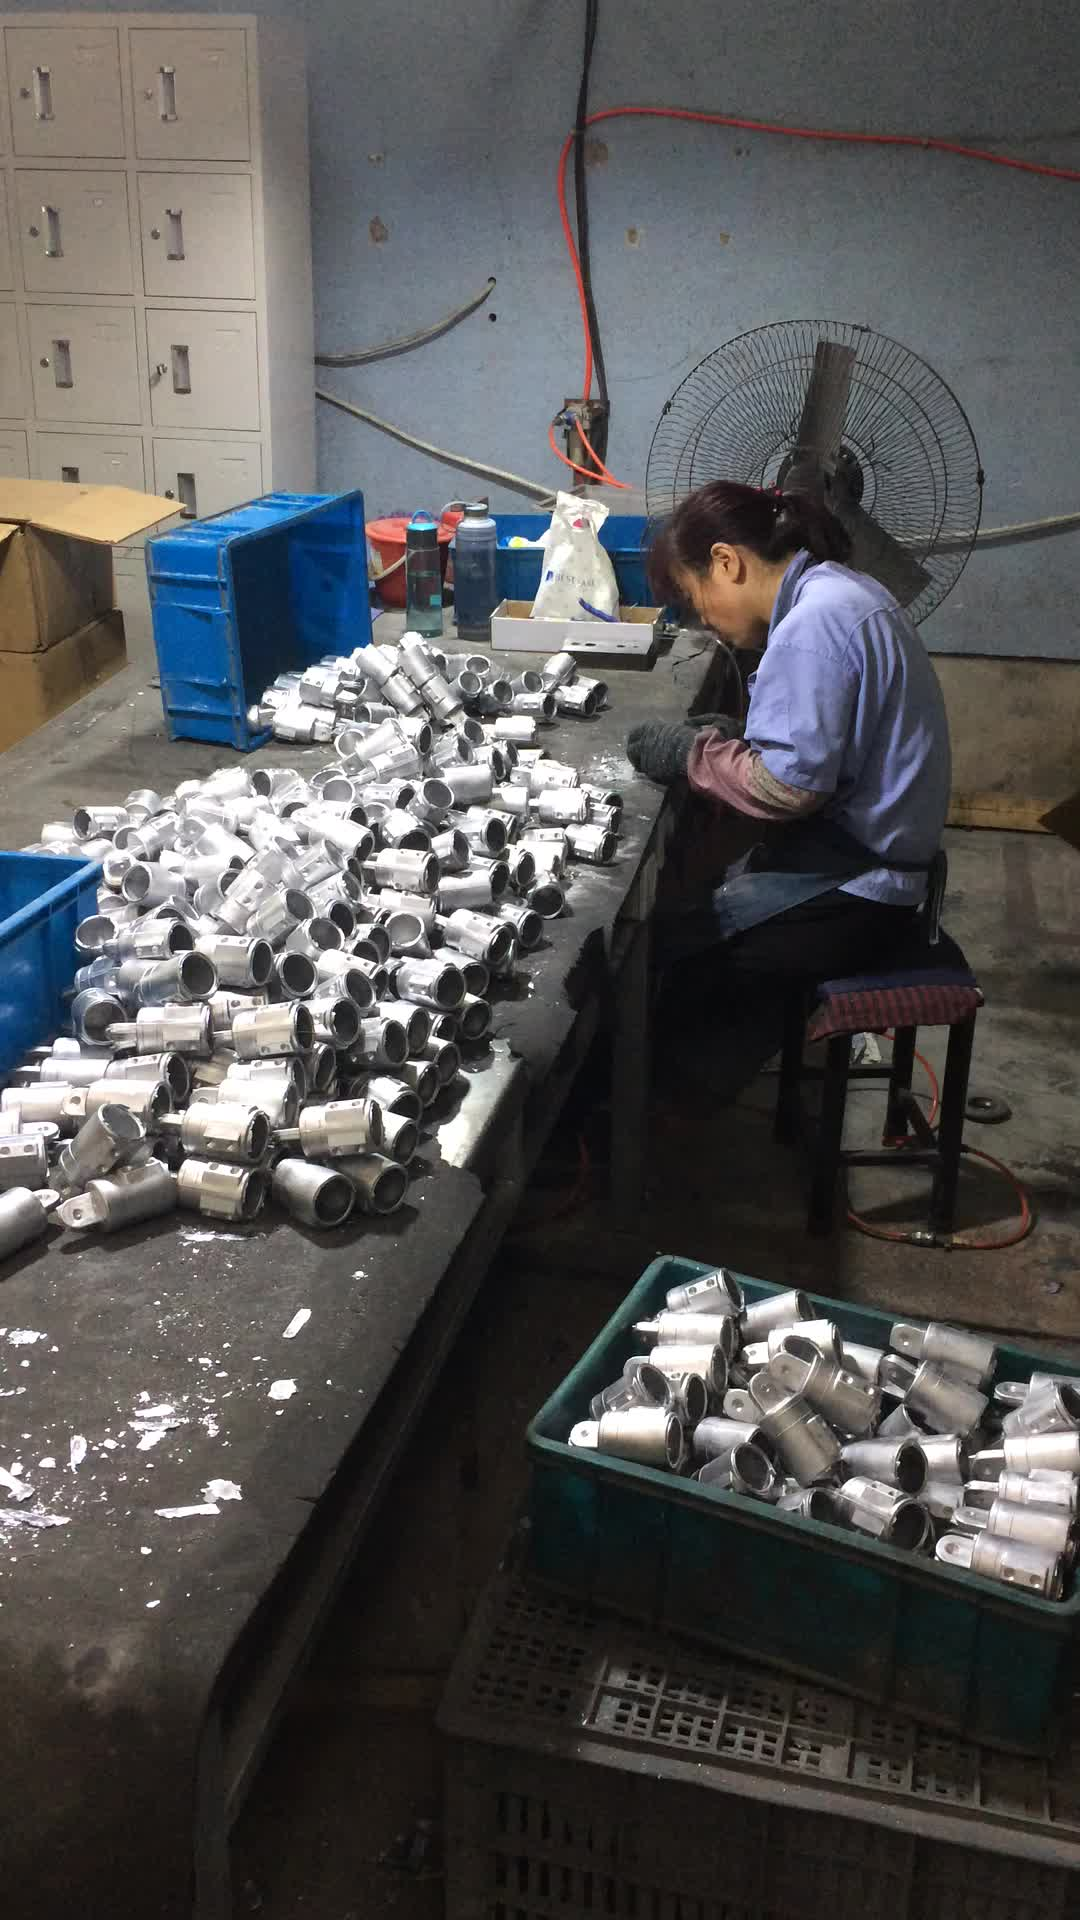 E-revestimiento Electropainting electrodeposición de aluminio de fundición